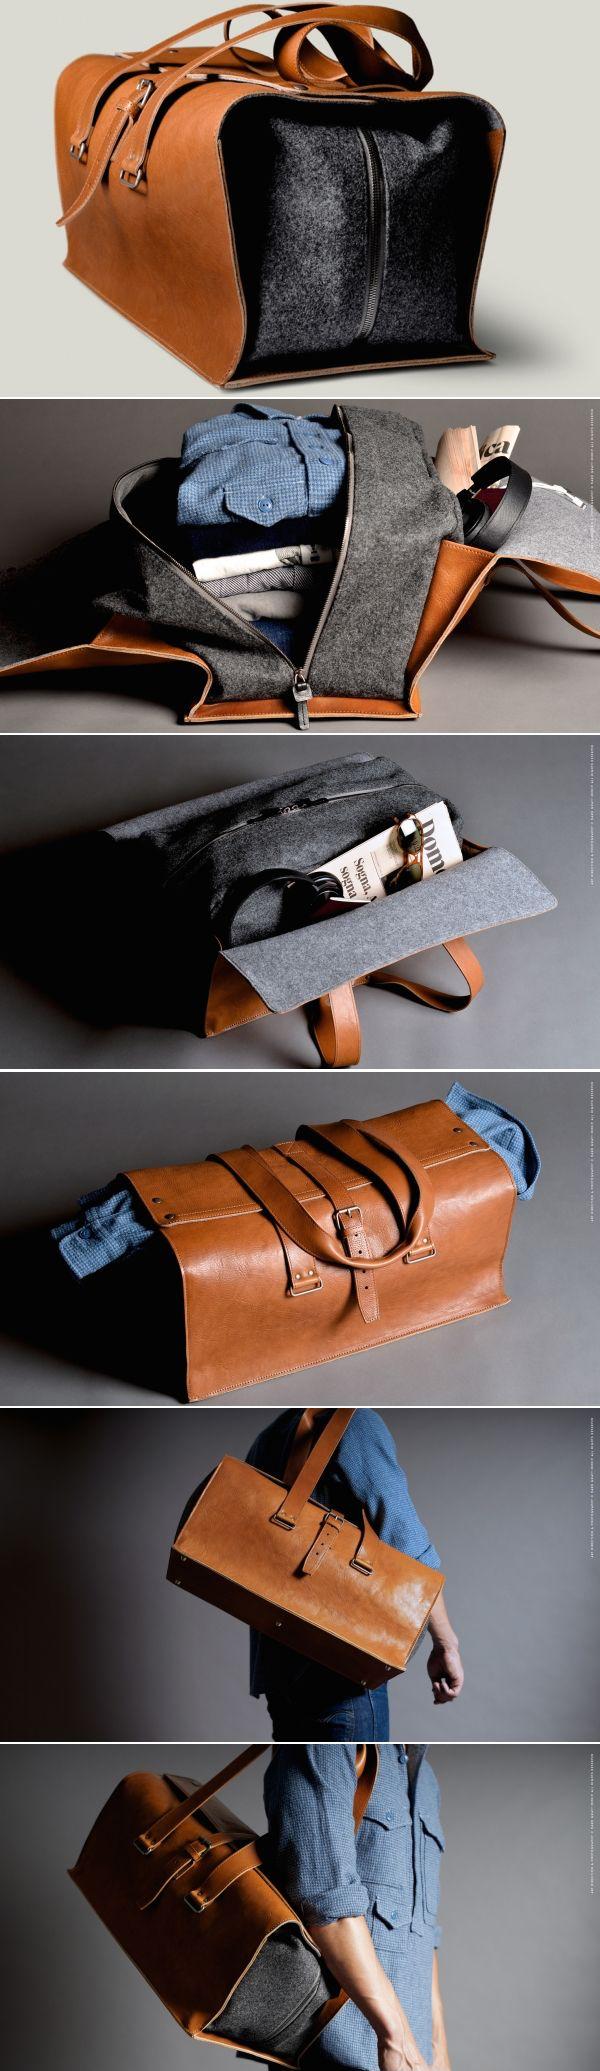 #hardgraft 1st Edition Travel Bag jetzt neu! ->. . . . . der Blog für den Gentleman.viele interessante Beiträge  - www.thegentlemanclub.de/blog